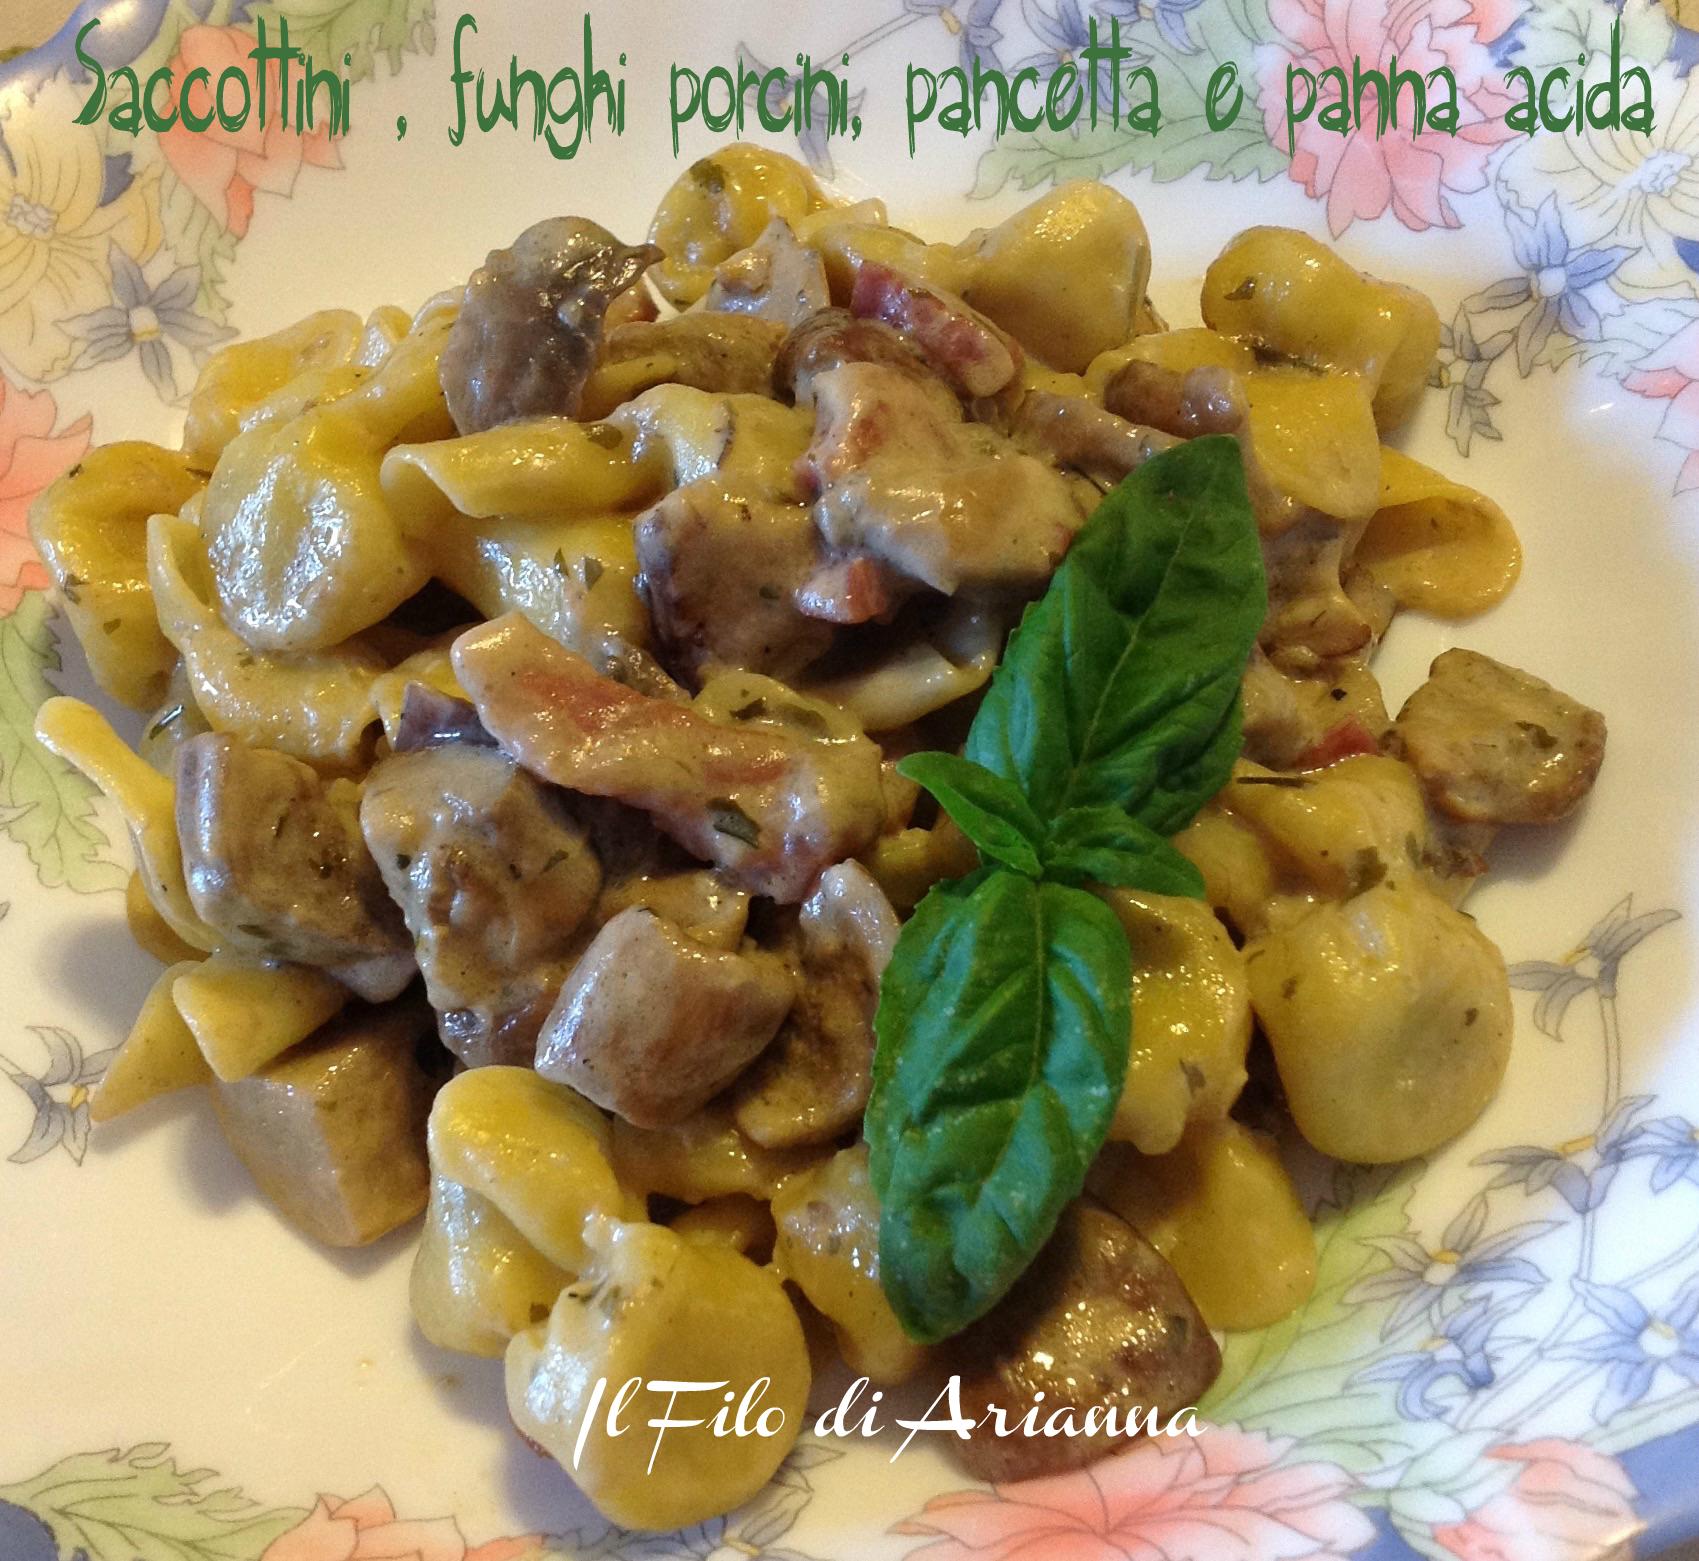 Saccottini funghi porcini pancetta e panna